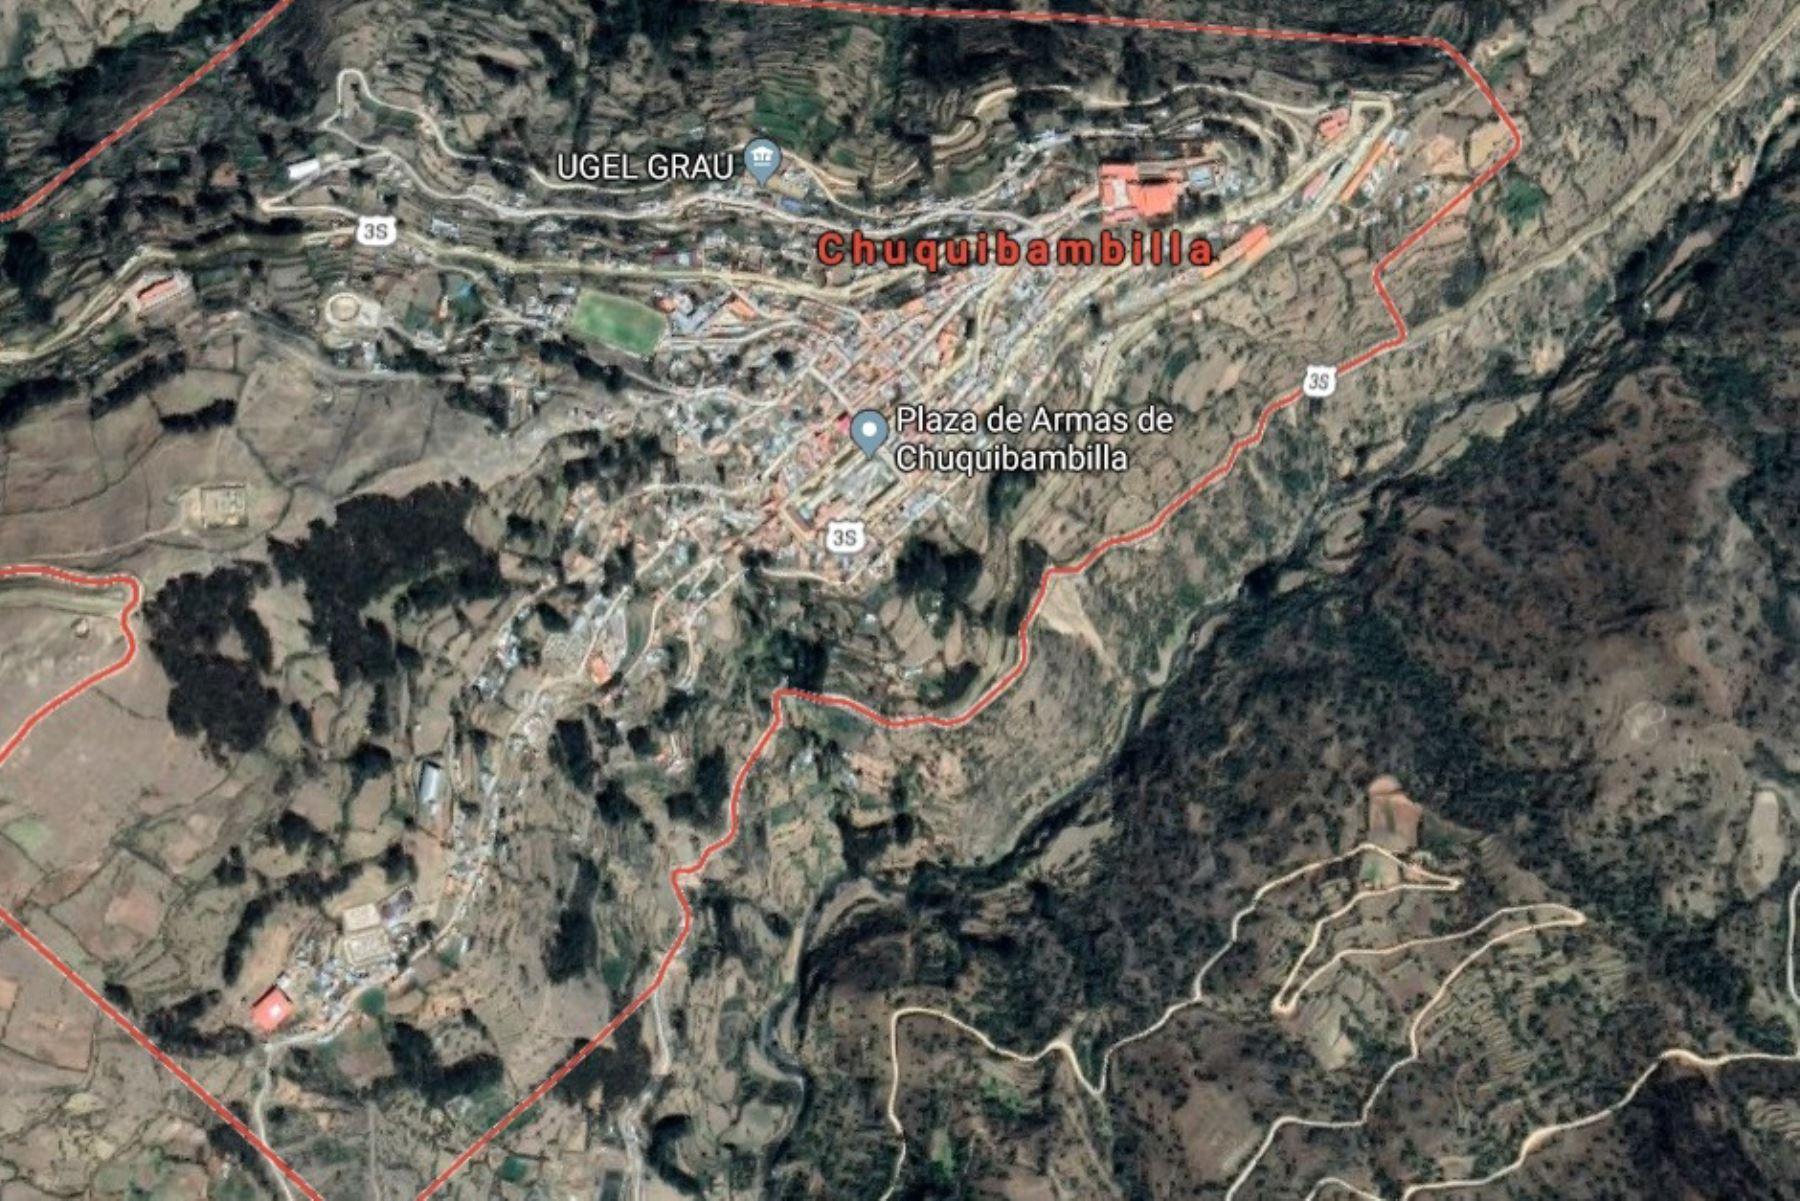 Fuerte sismo de magnitud 4.8 alarmó a población de Chuquibambilla, región Apurímac. Foto: Google Maps